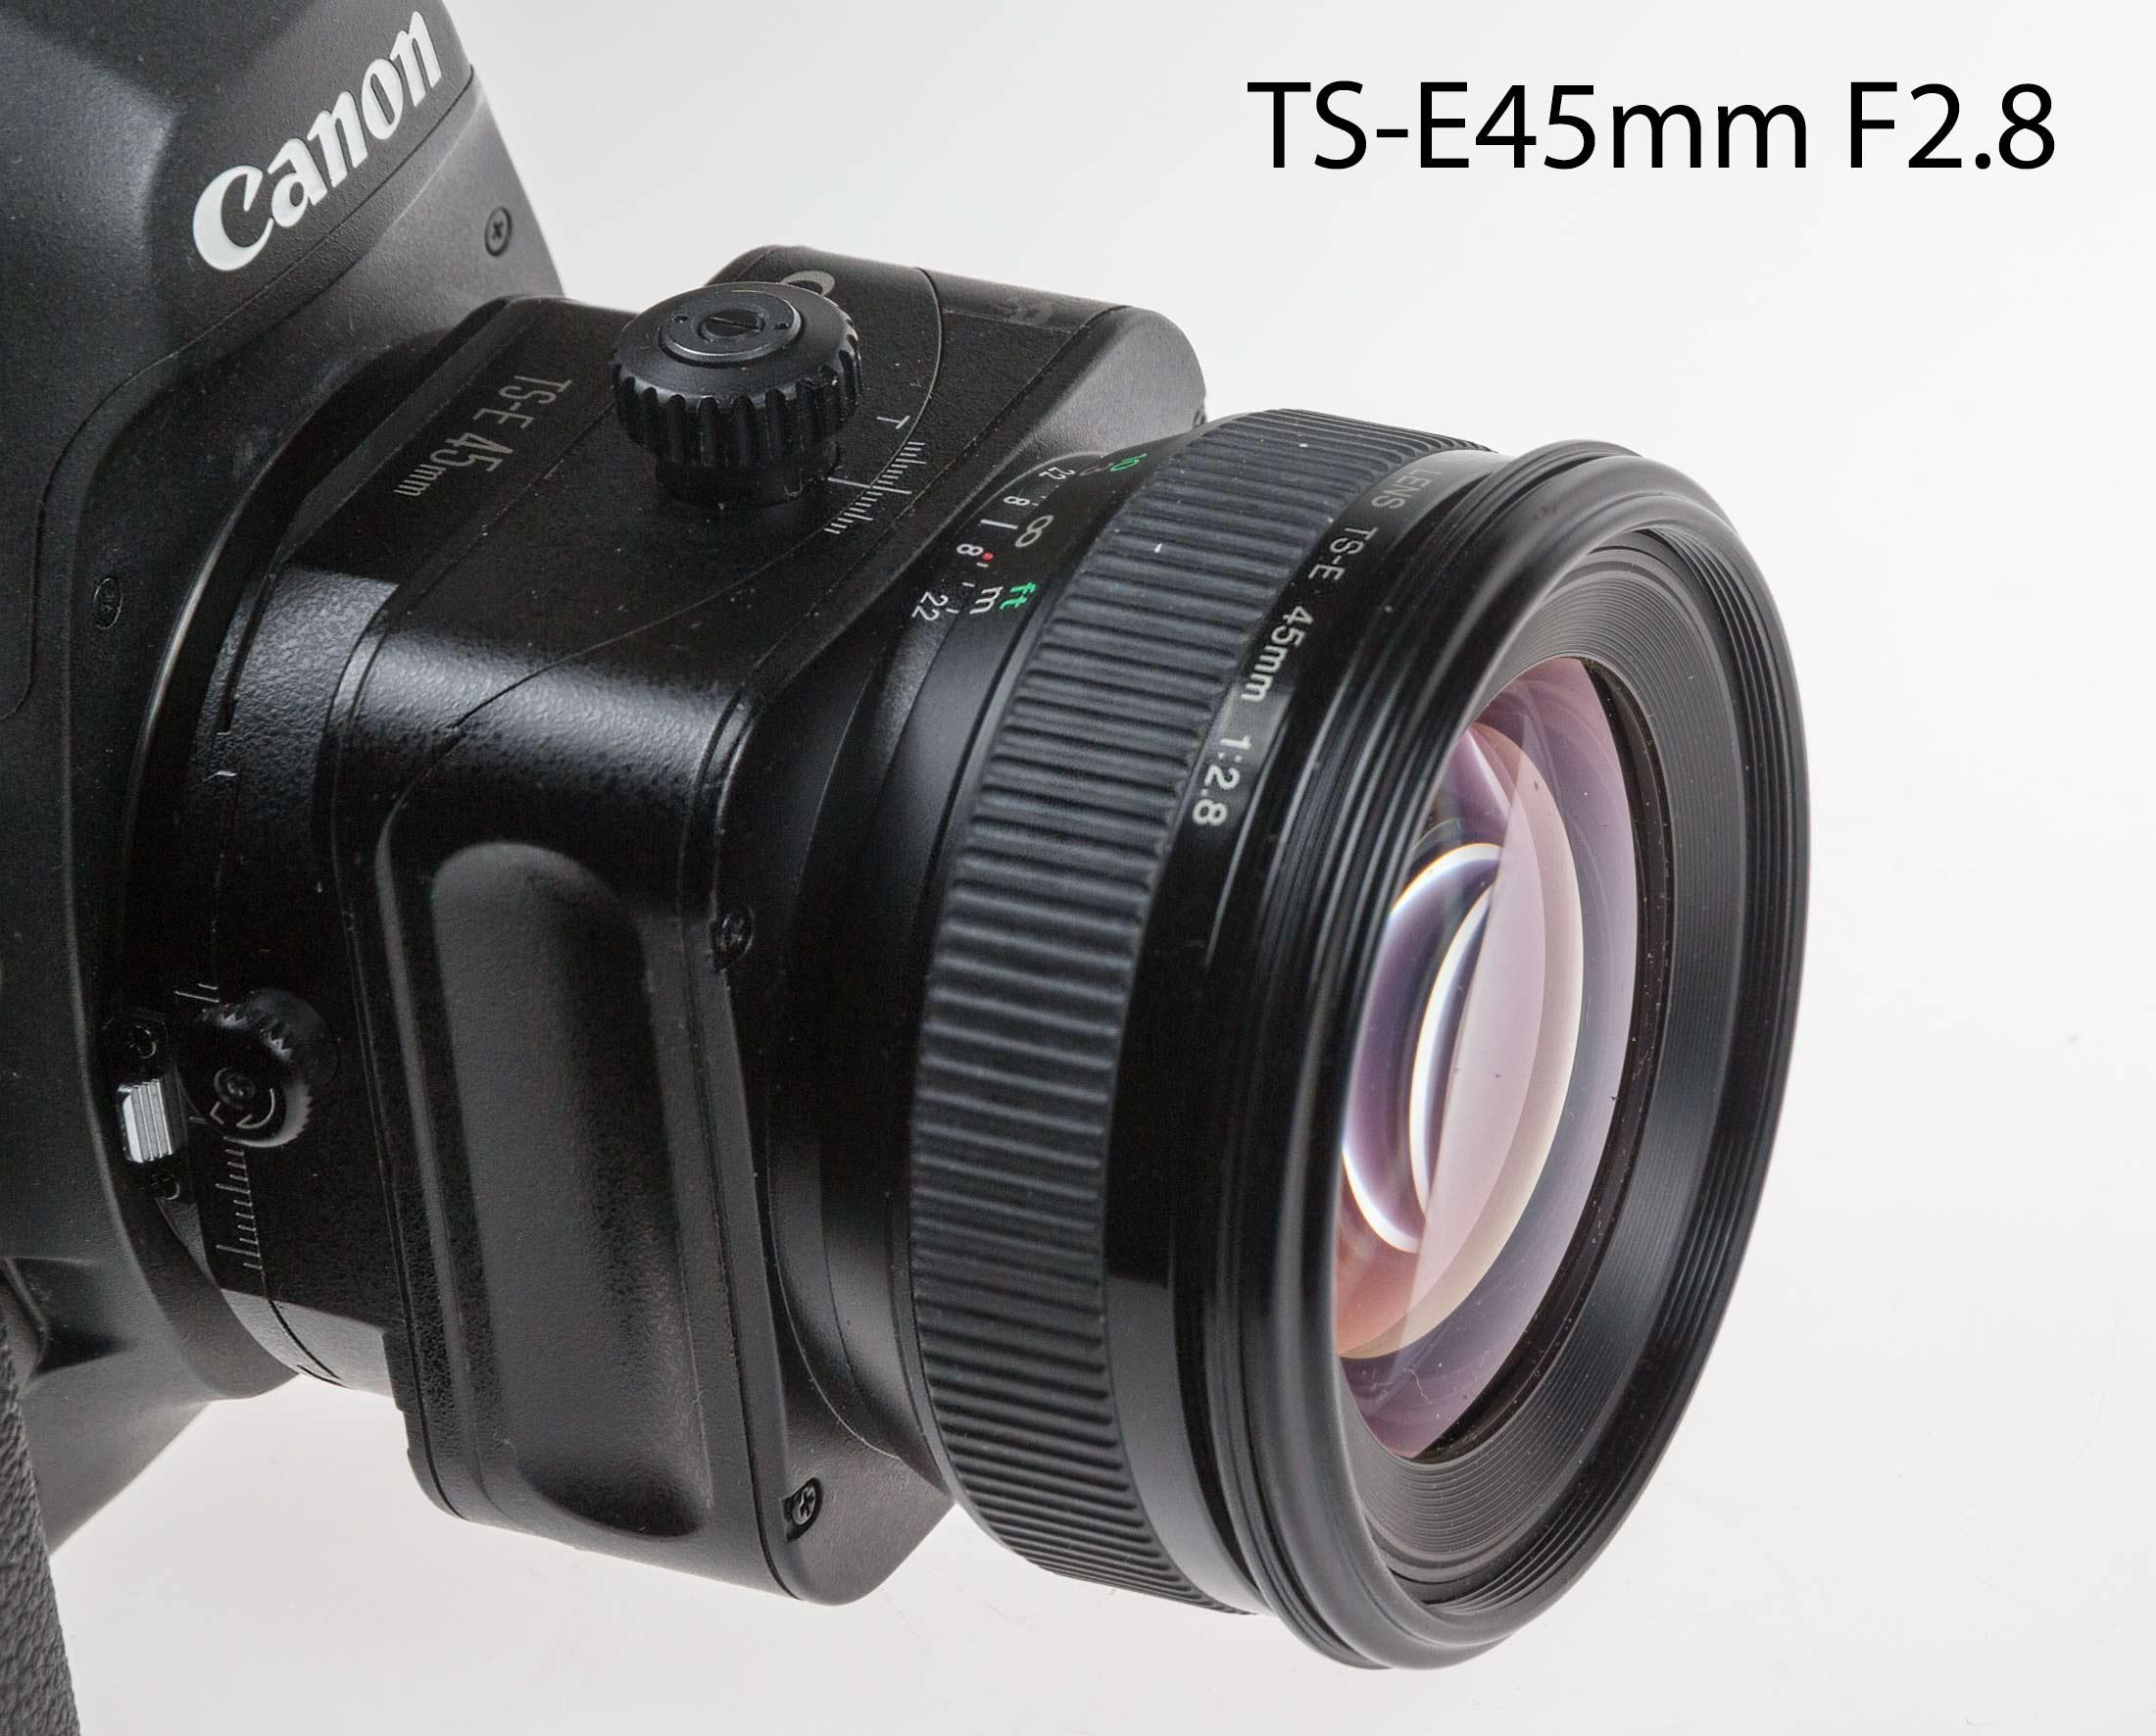 Canon TS-E 45m F2.8